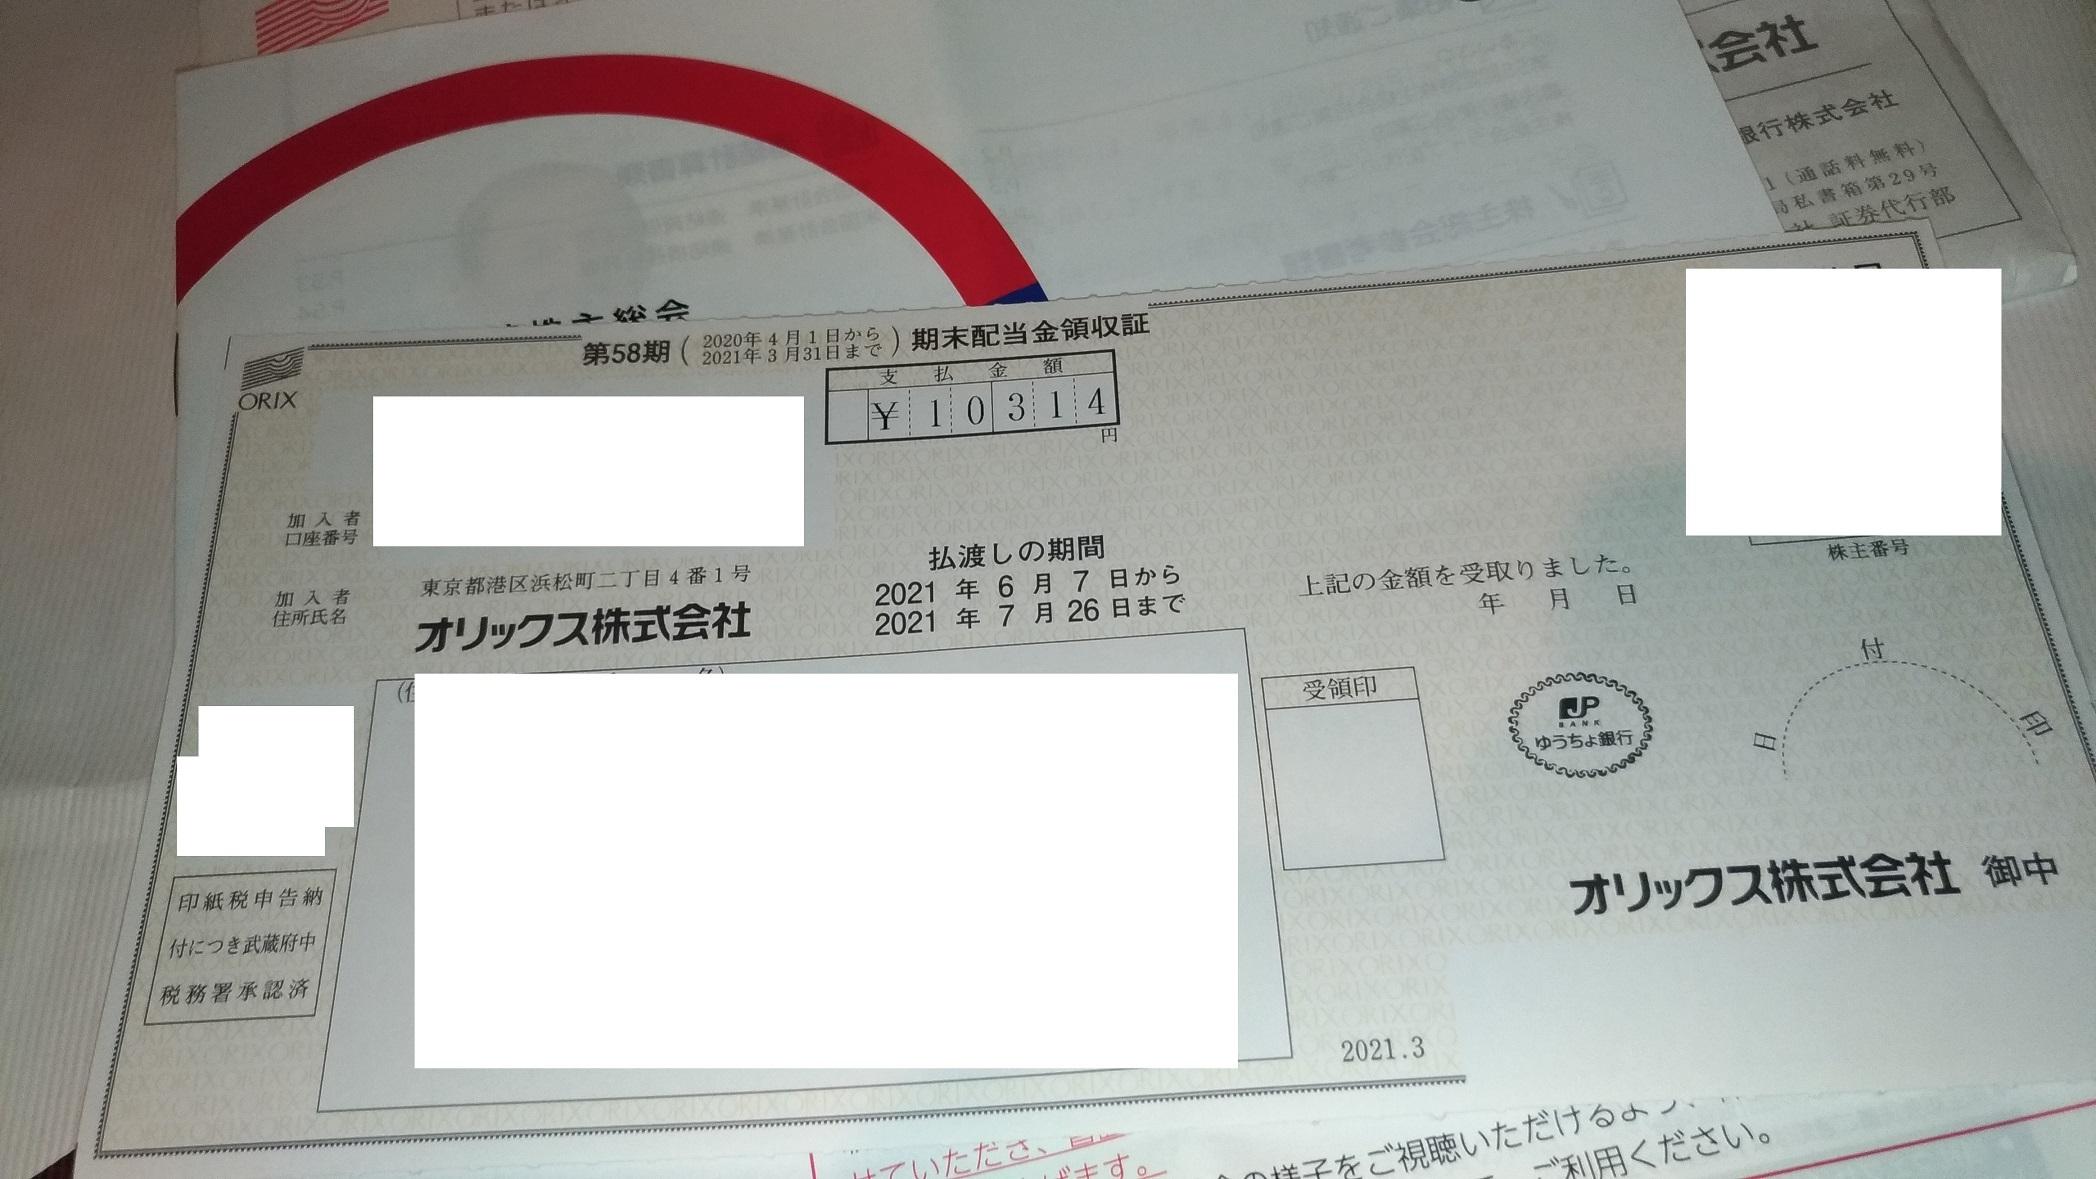 haito_orix_new_2021.jpg